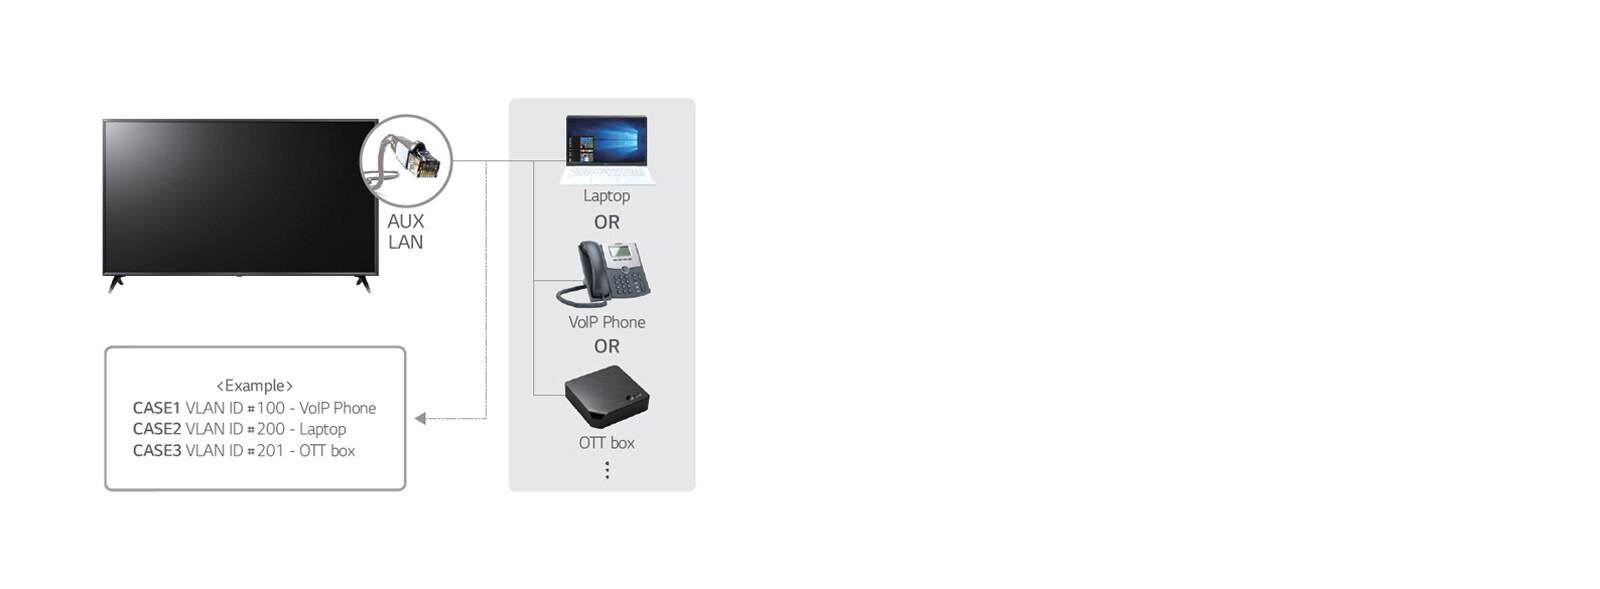 11_LAN-out-with-VLAN-Virtual-LAN-ID_1531984168047